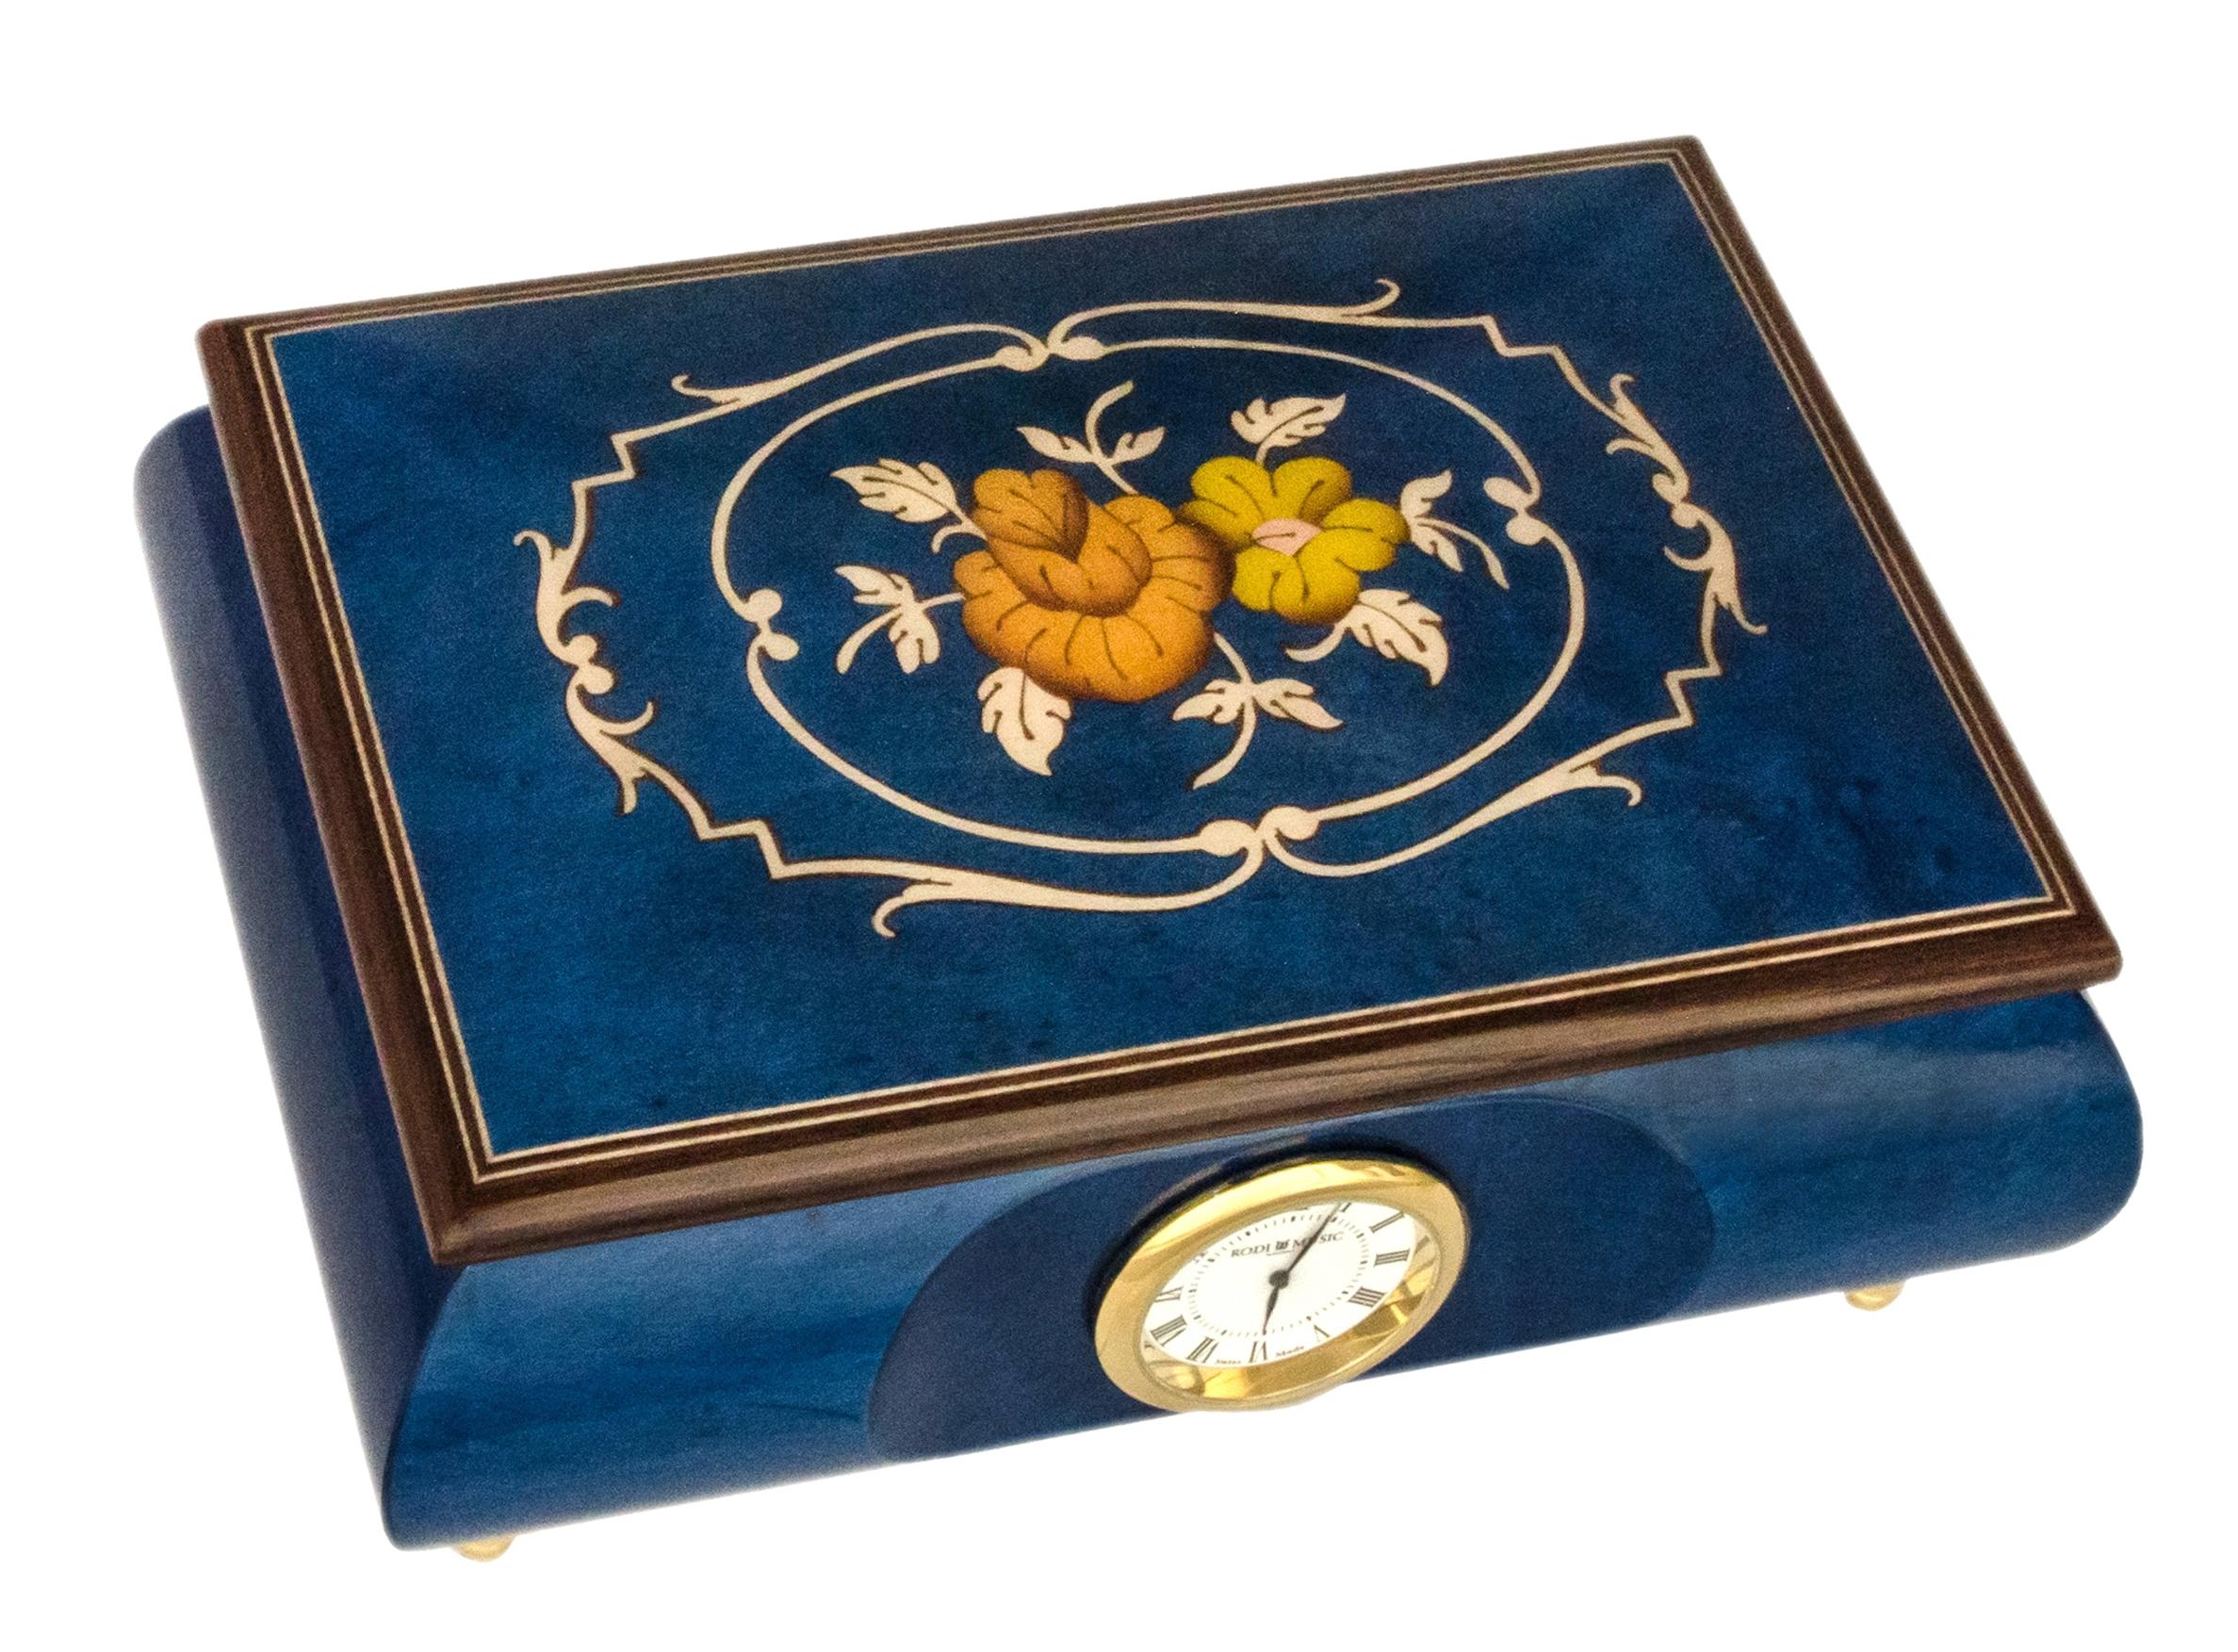 Rodi 03cf06w Blue Rodi Music Box Souvenir Amp More